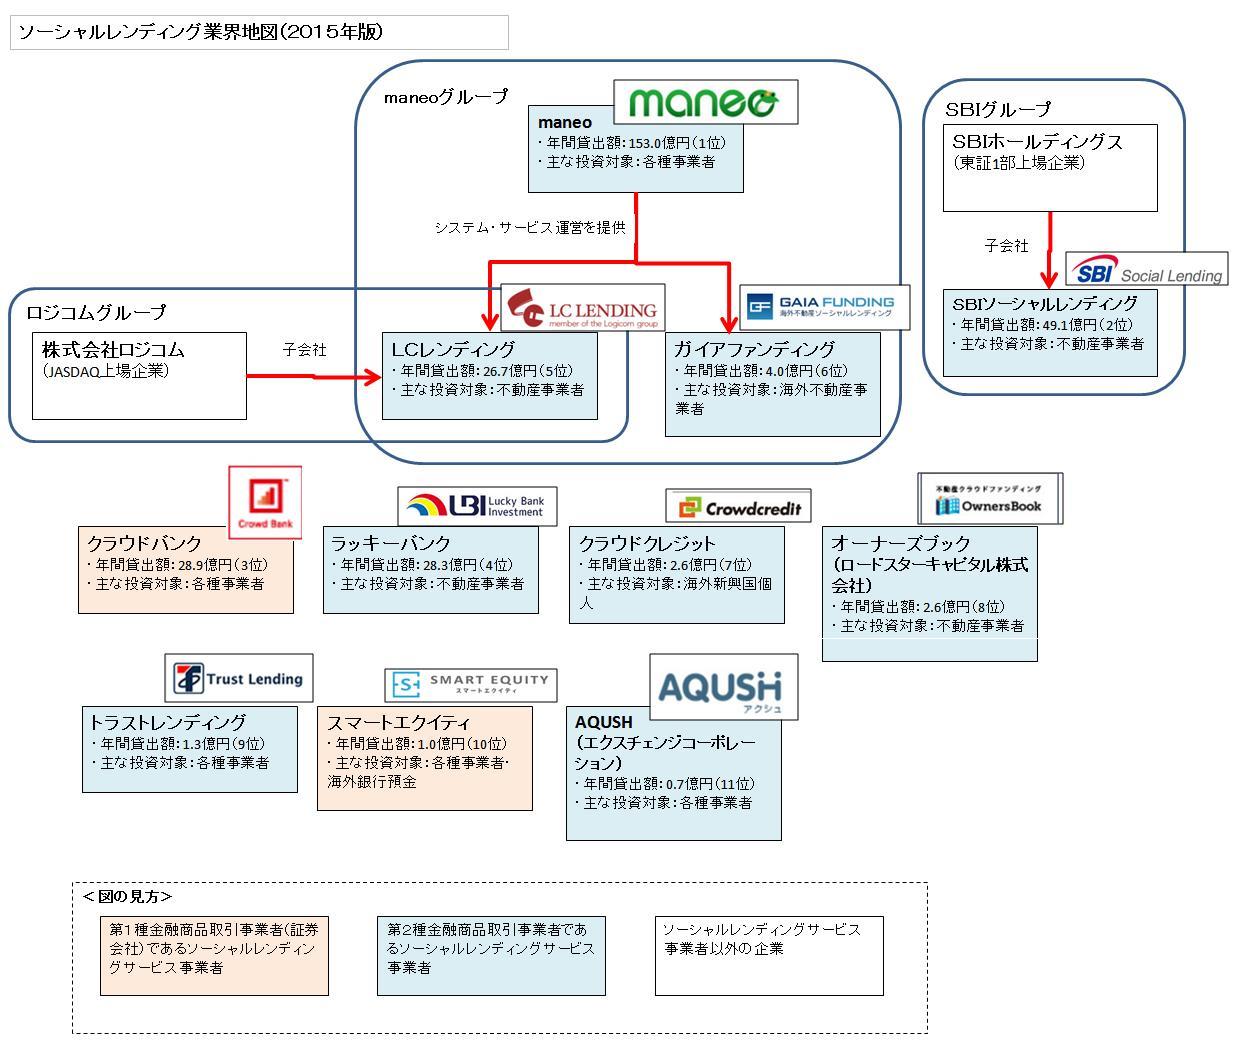 業界地図(2015年)